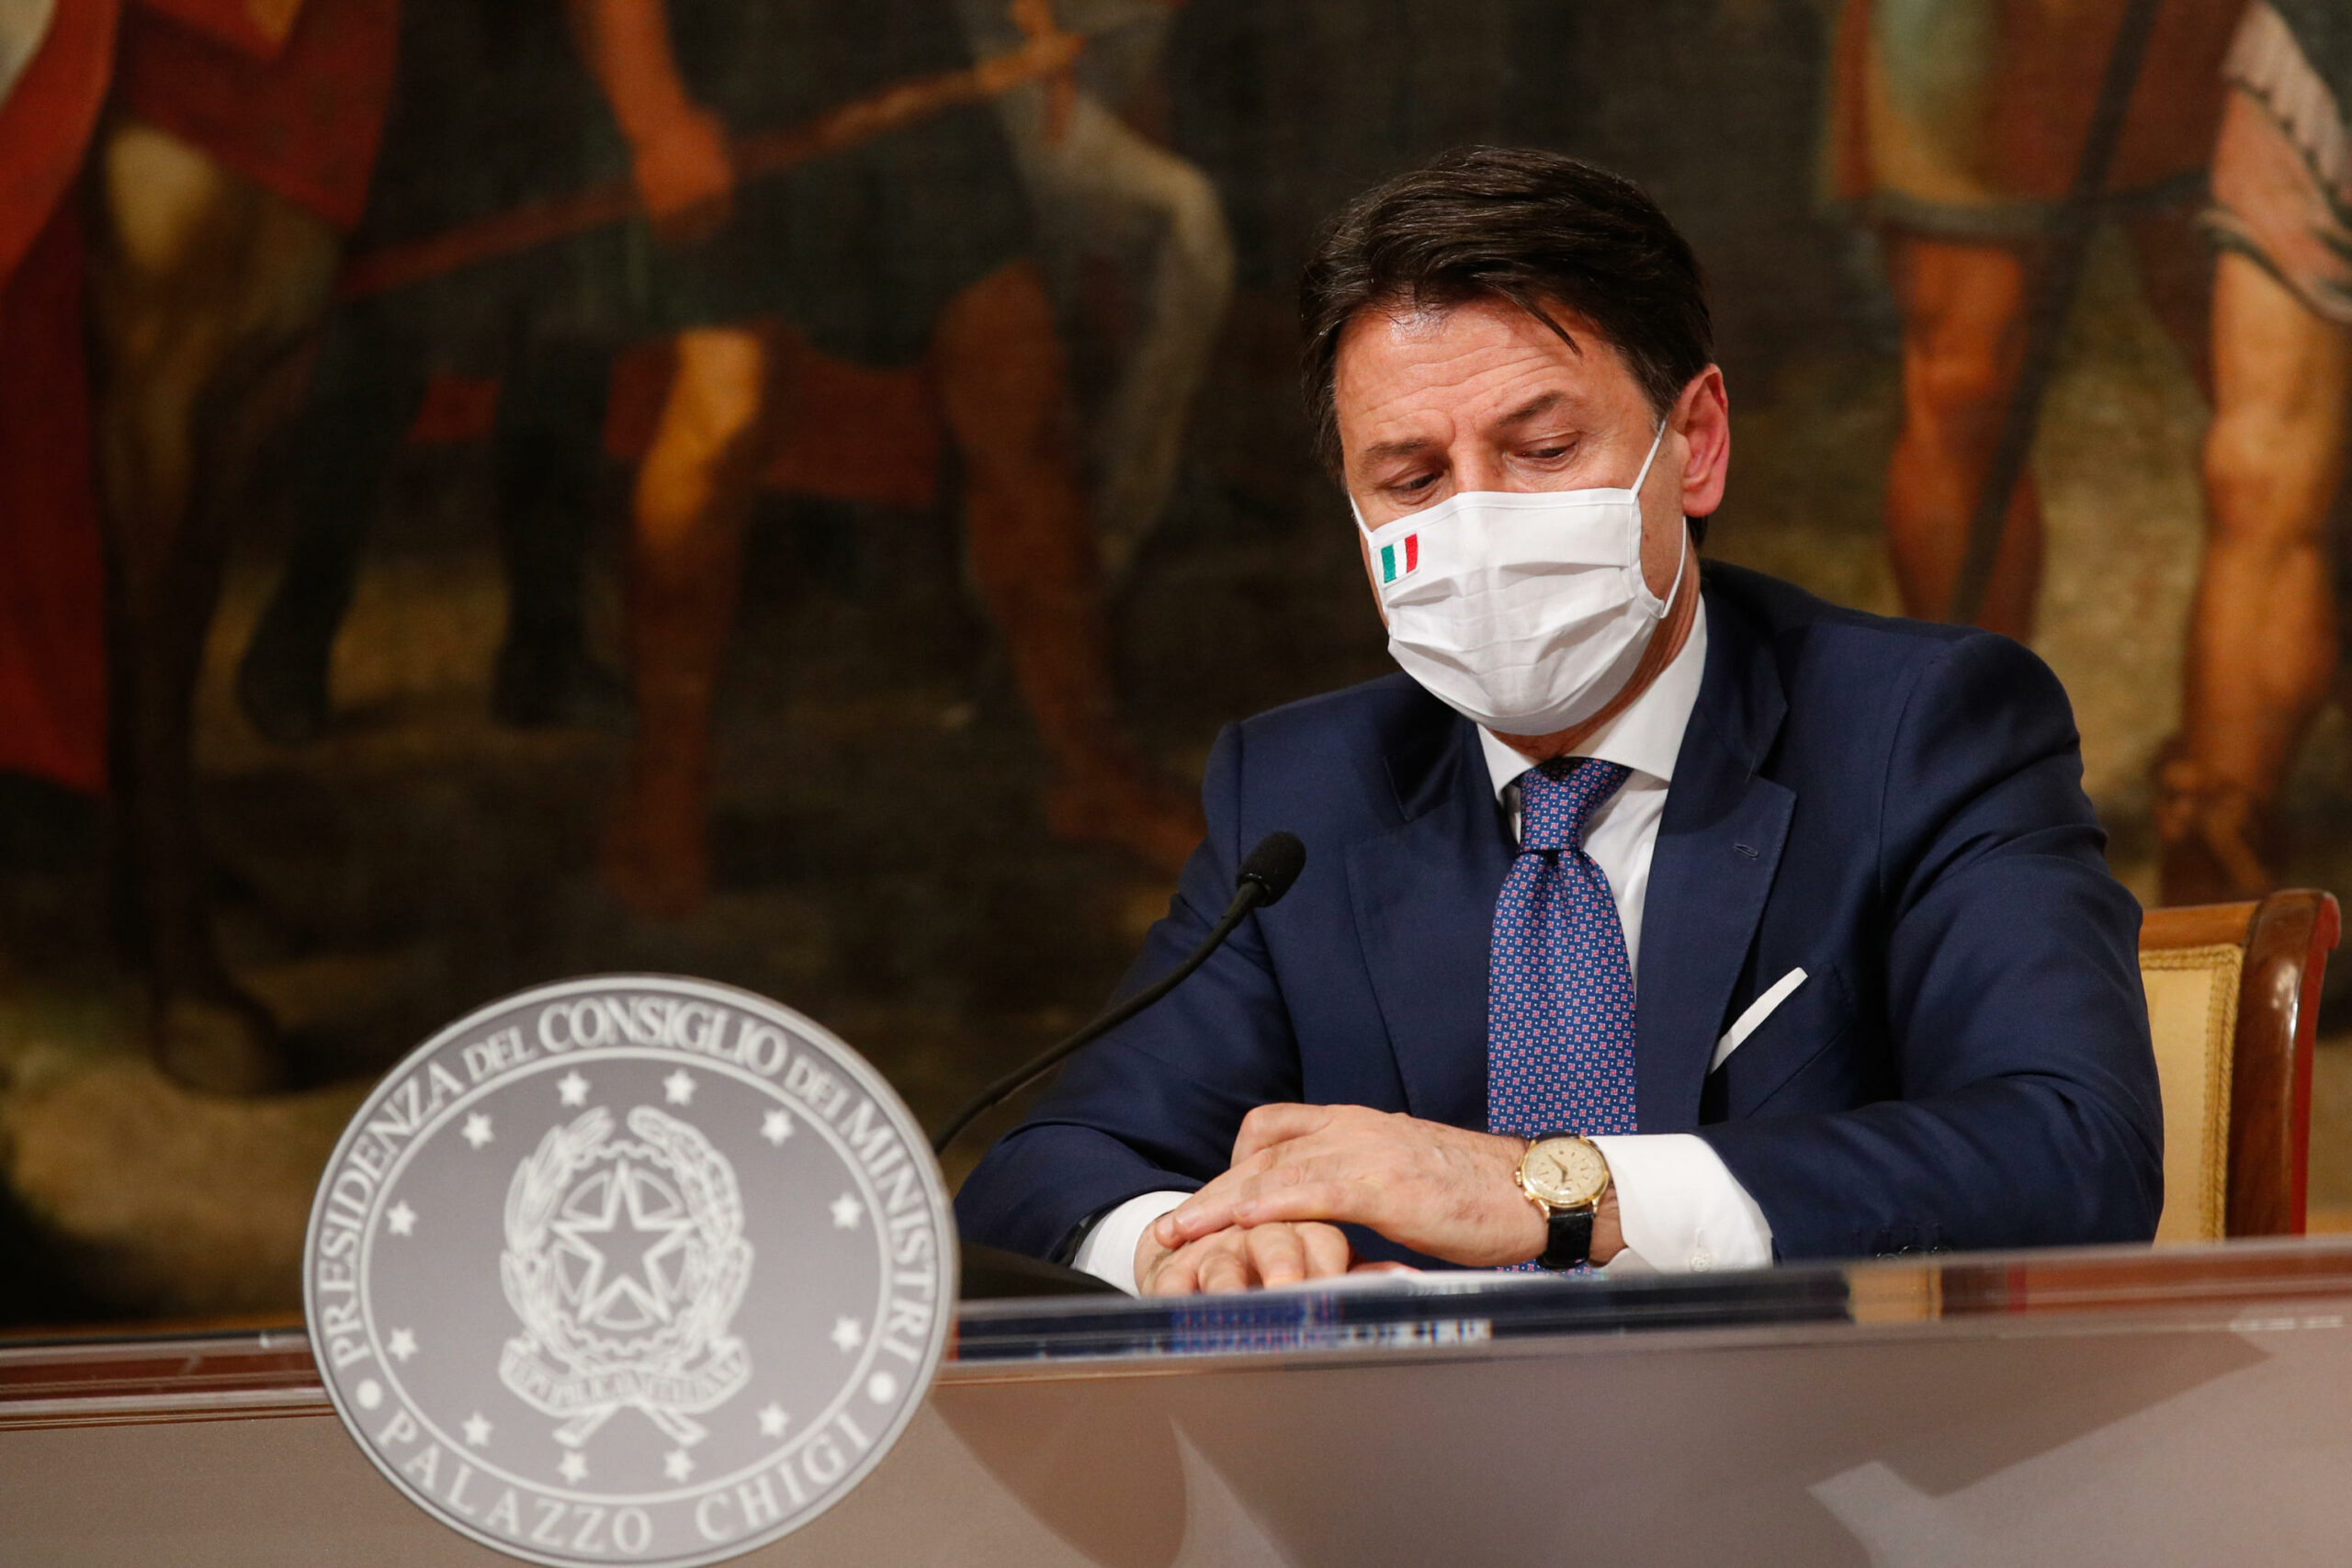 Stampa tedesca all'attacco e Commissione critica: Conte è isolato